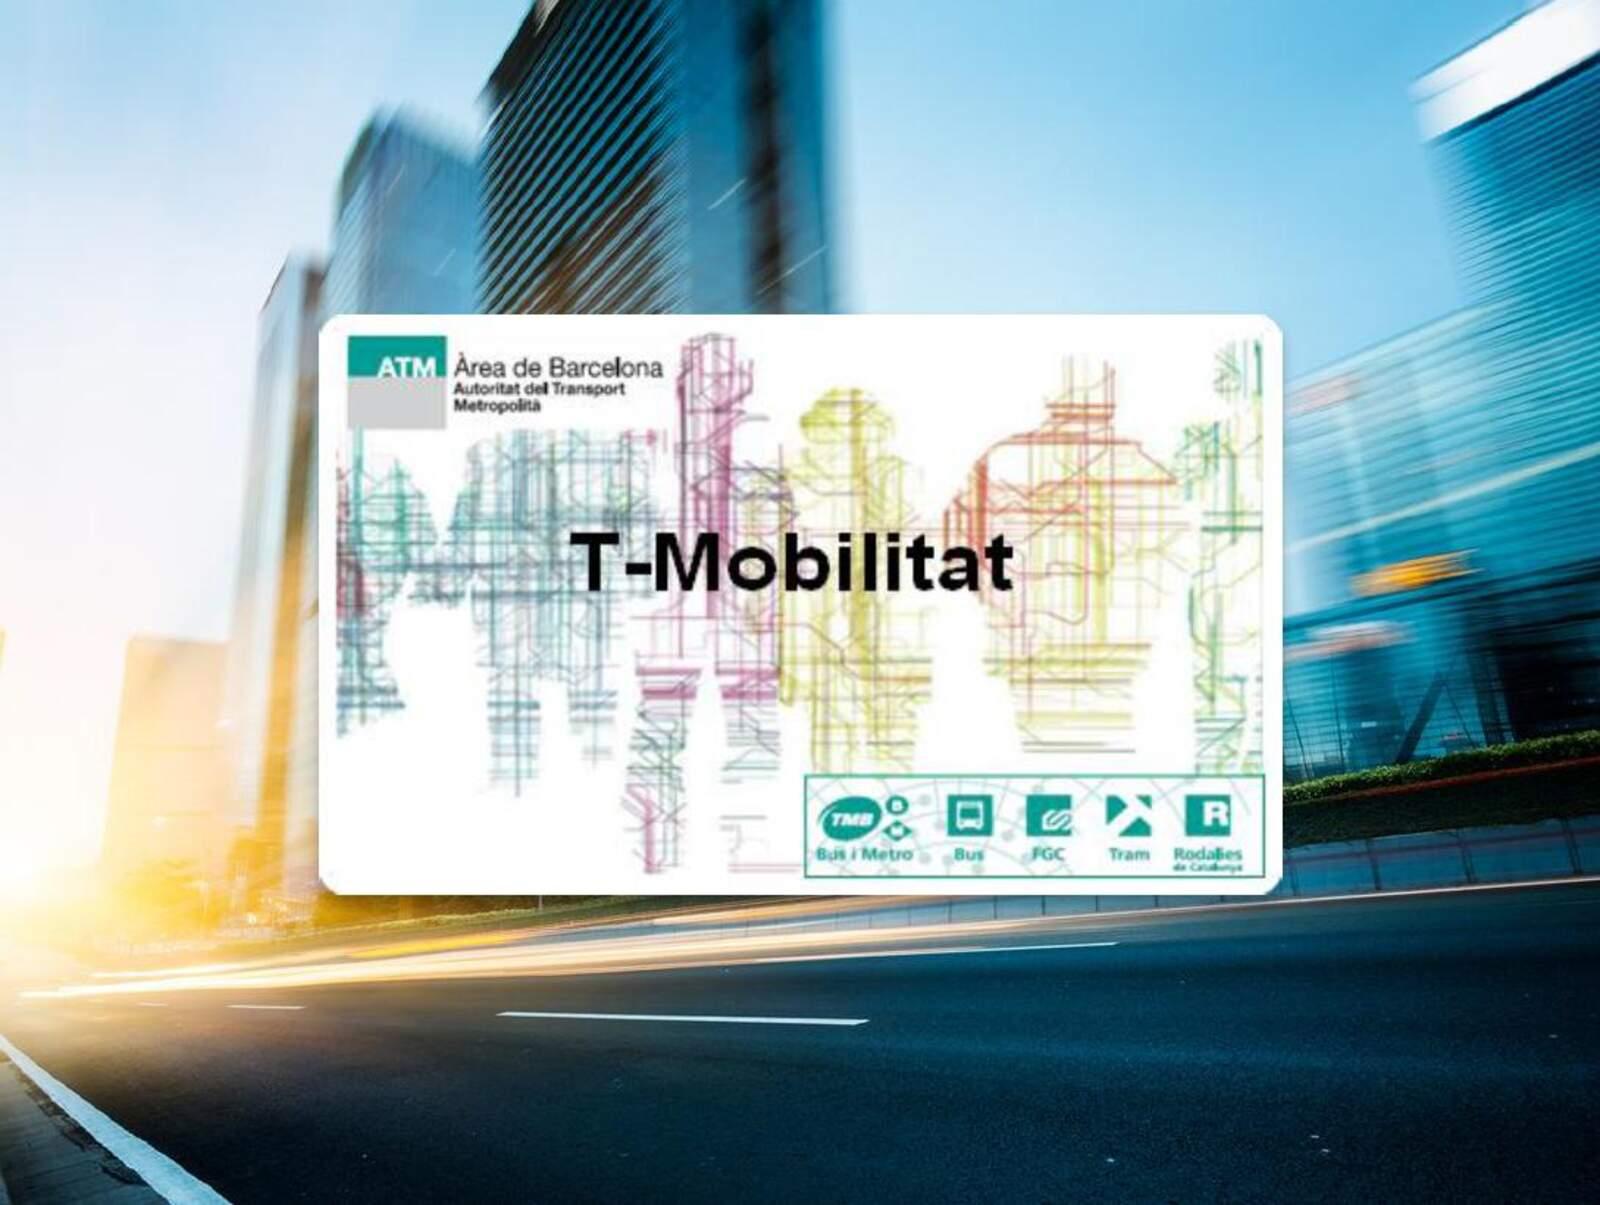 T-Mobilitat